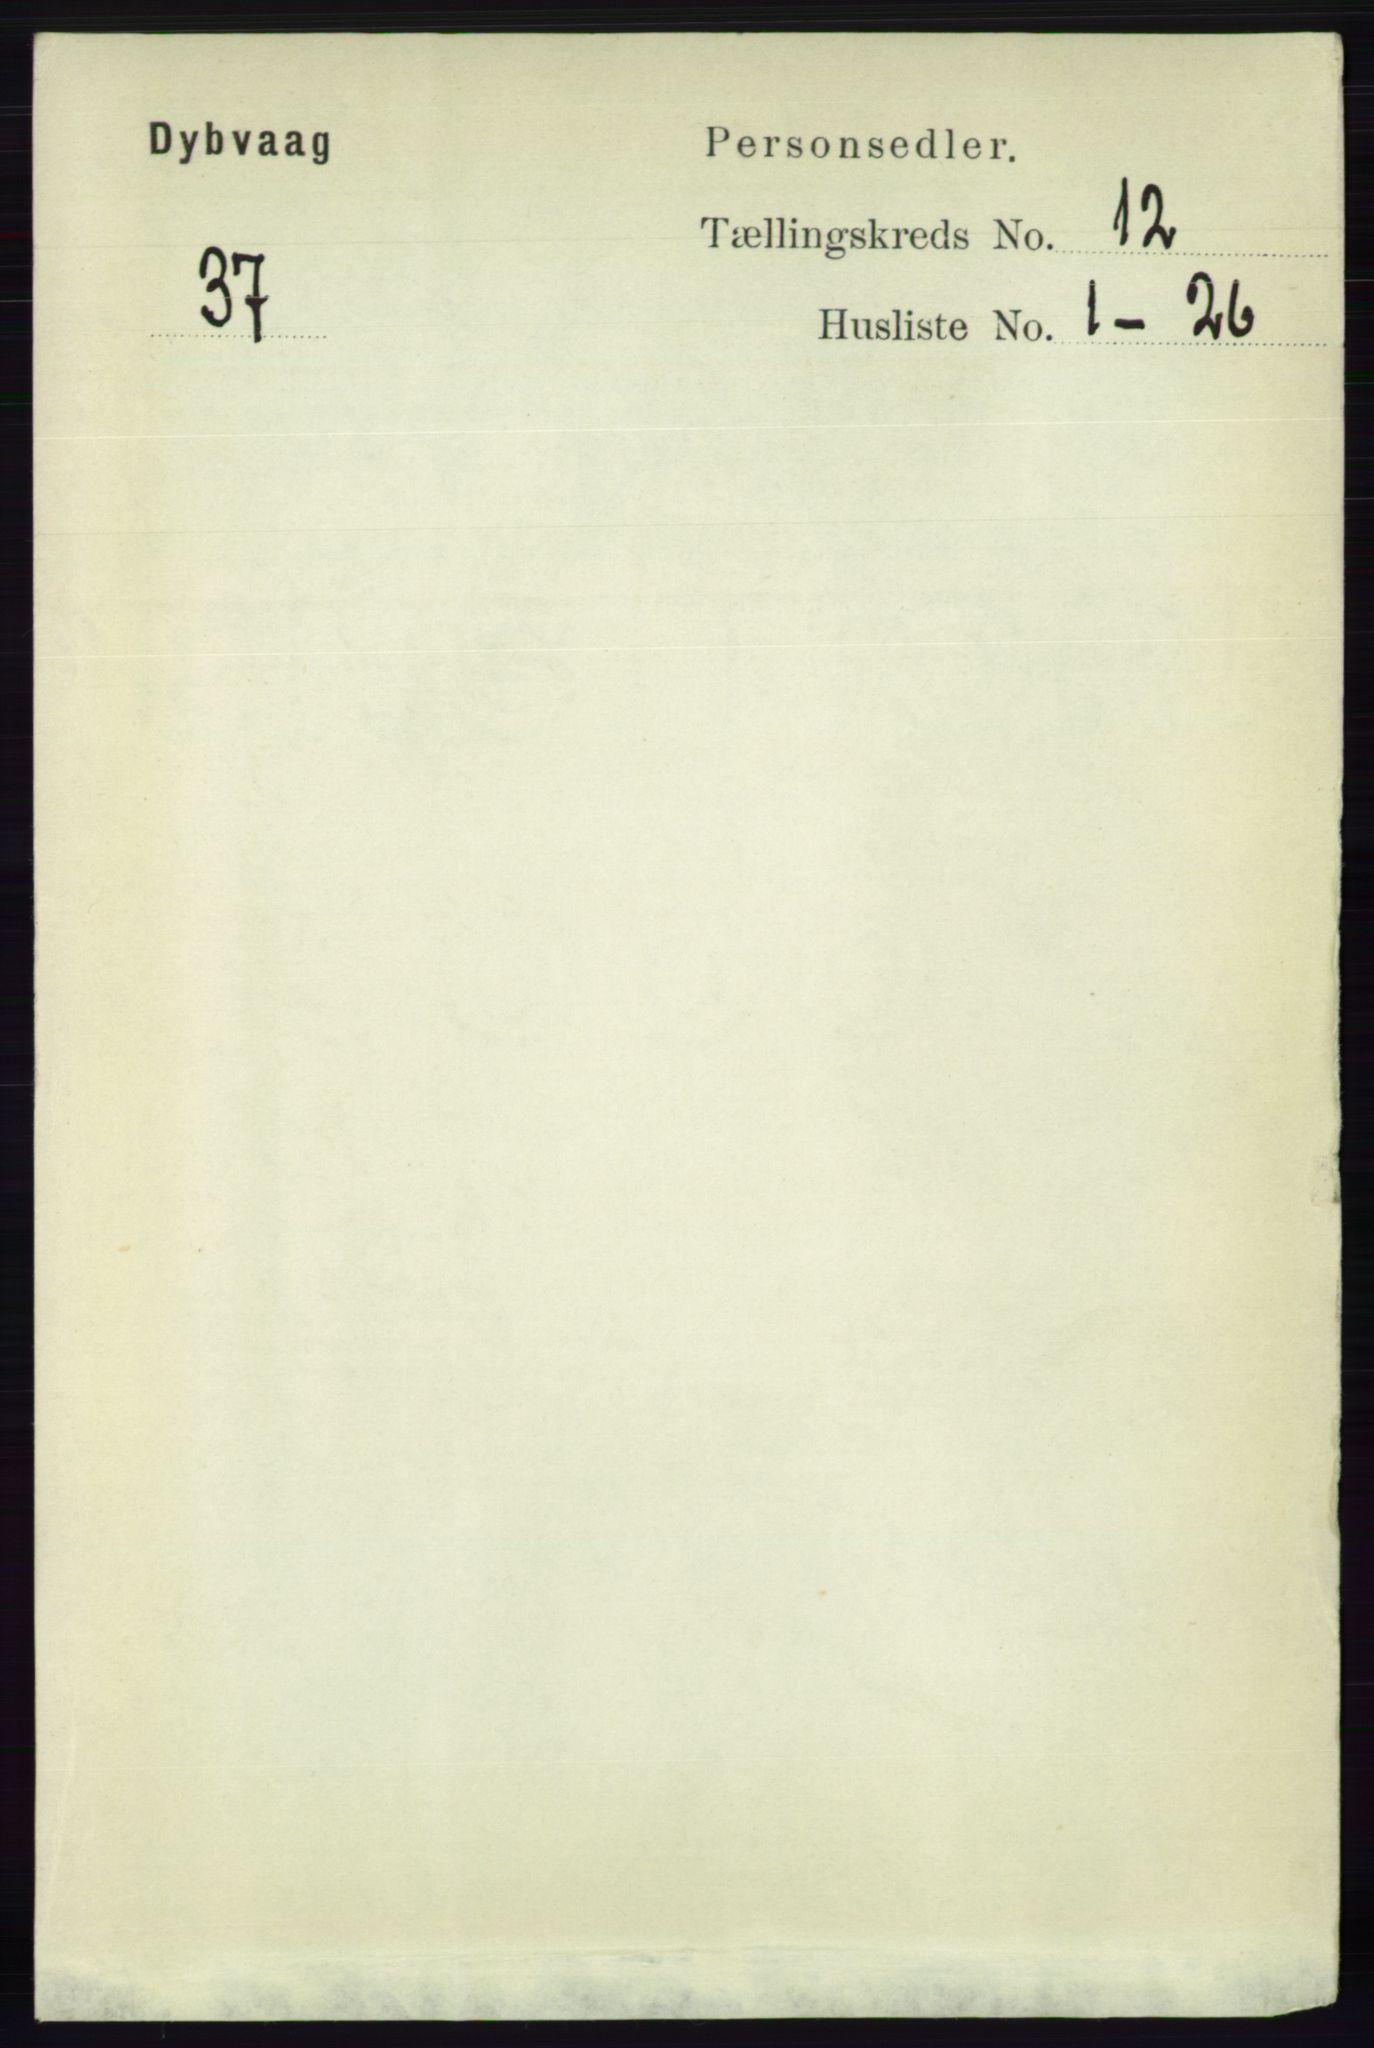 RA, Folketelling 1891 for 0915 Dypvåg herred, 1891, s. 4741